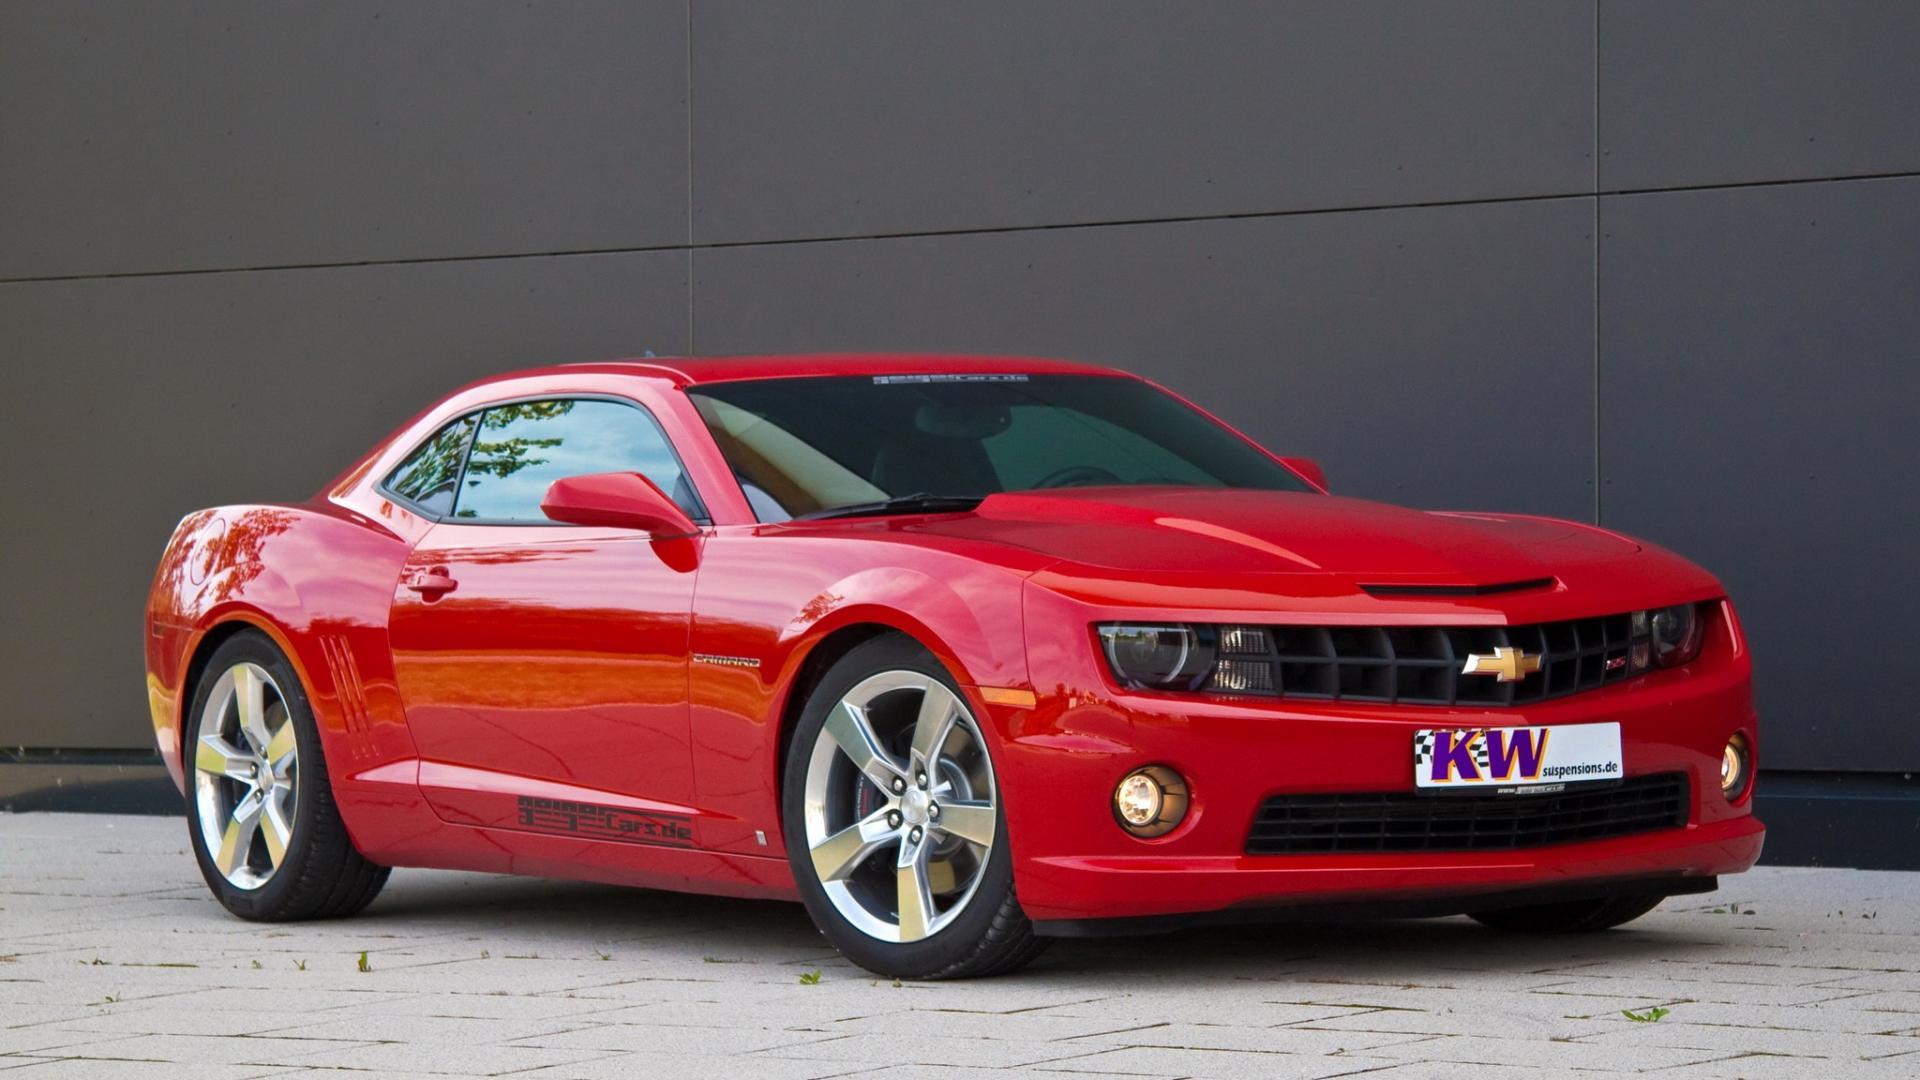 Muscle Car KW обои для рабочего стола ...